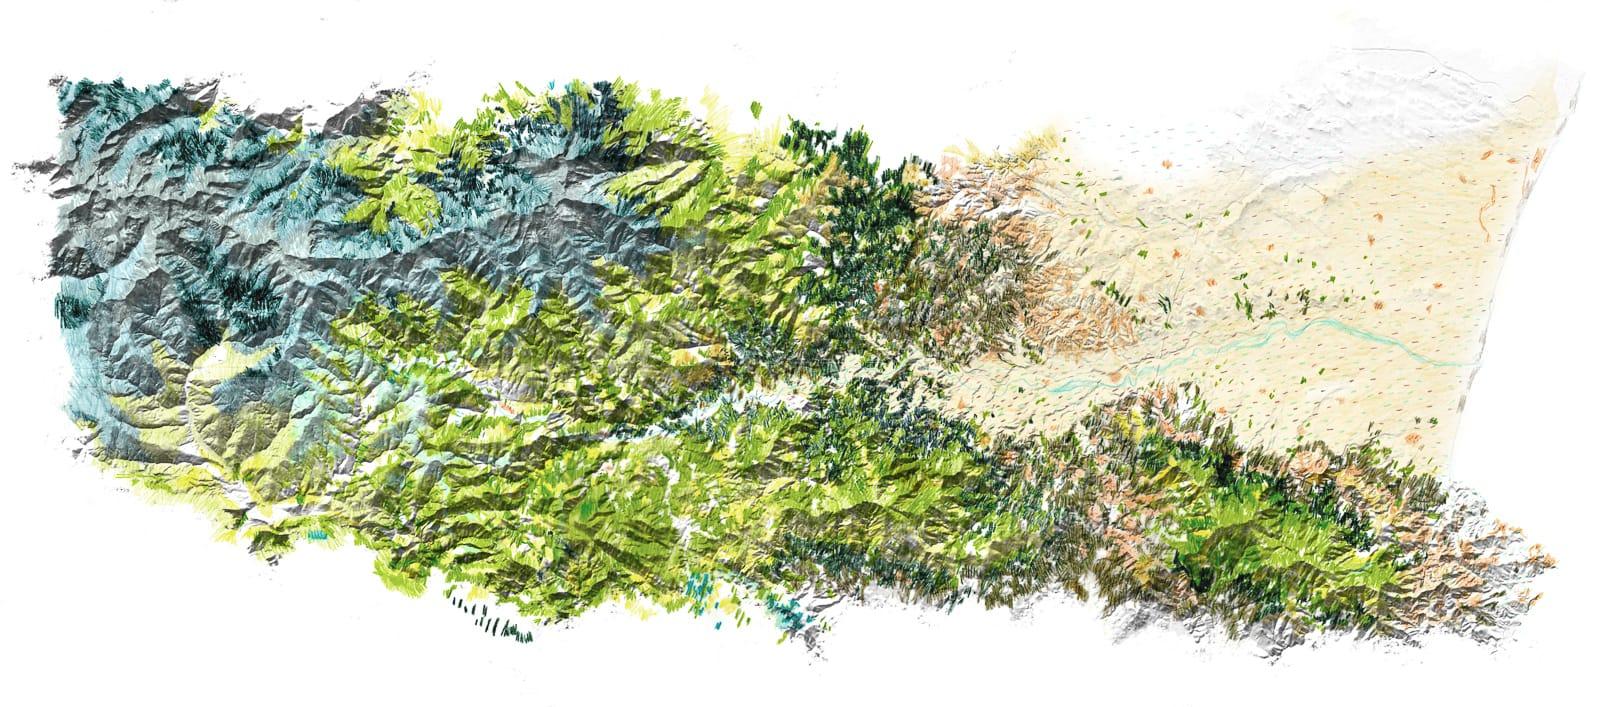 etude foret carte végétation topographie vallee du tech®HermelineCarpentier